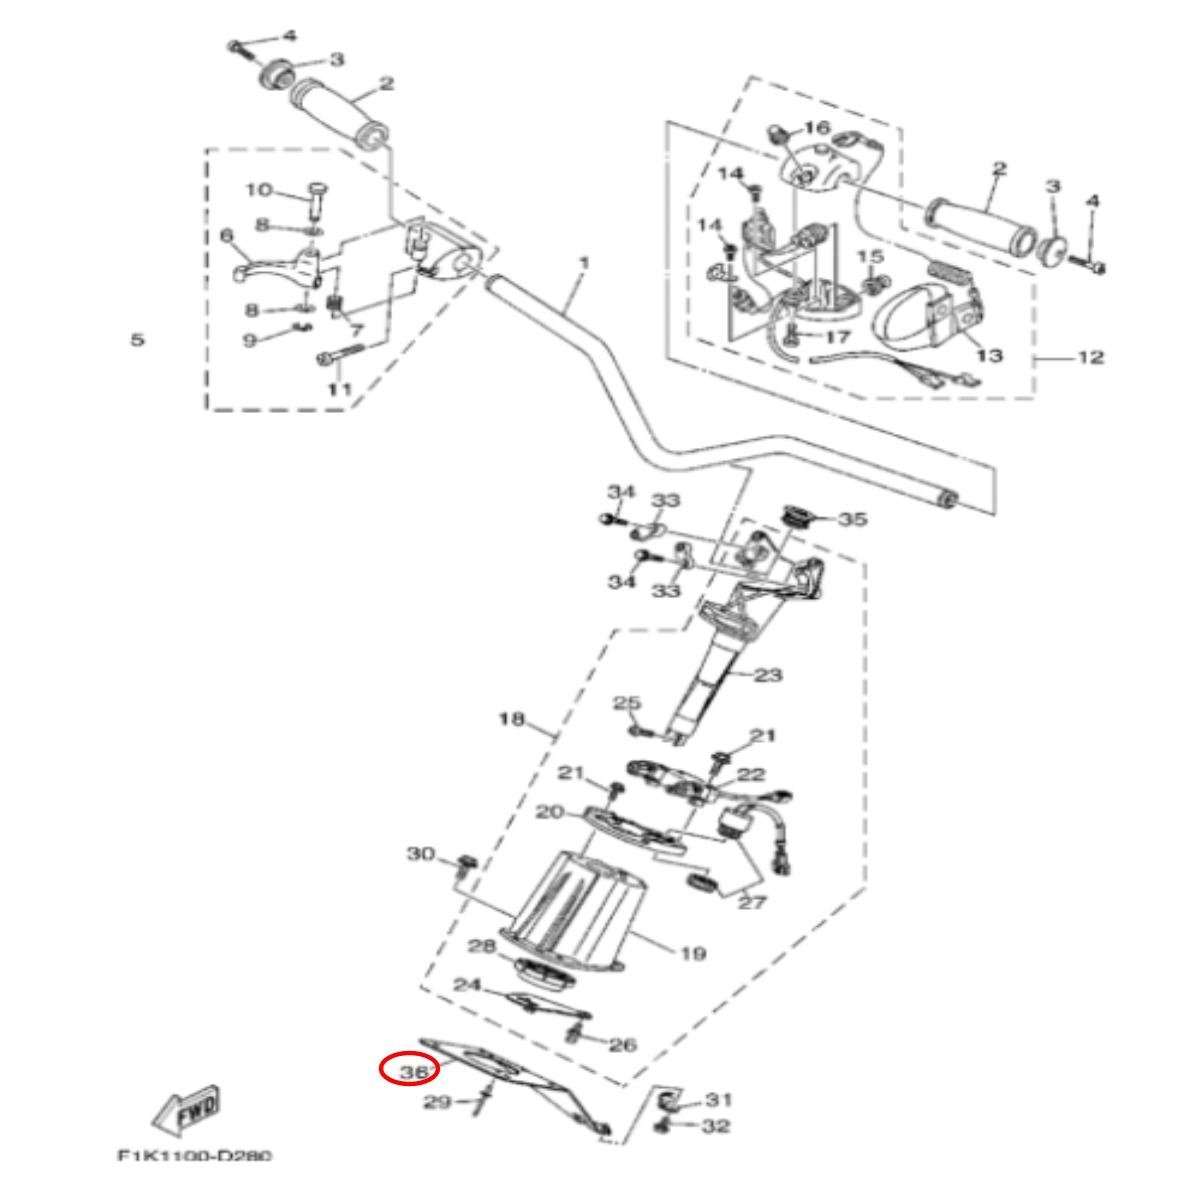 Suporte da direção para Jet Ski Yamaha  - Radical Peças - Peças para Jet Ski